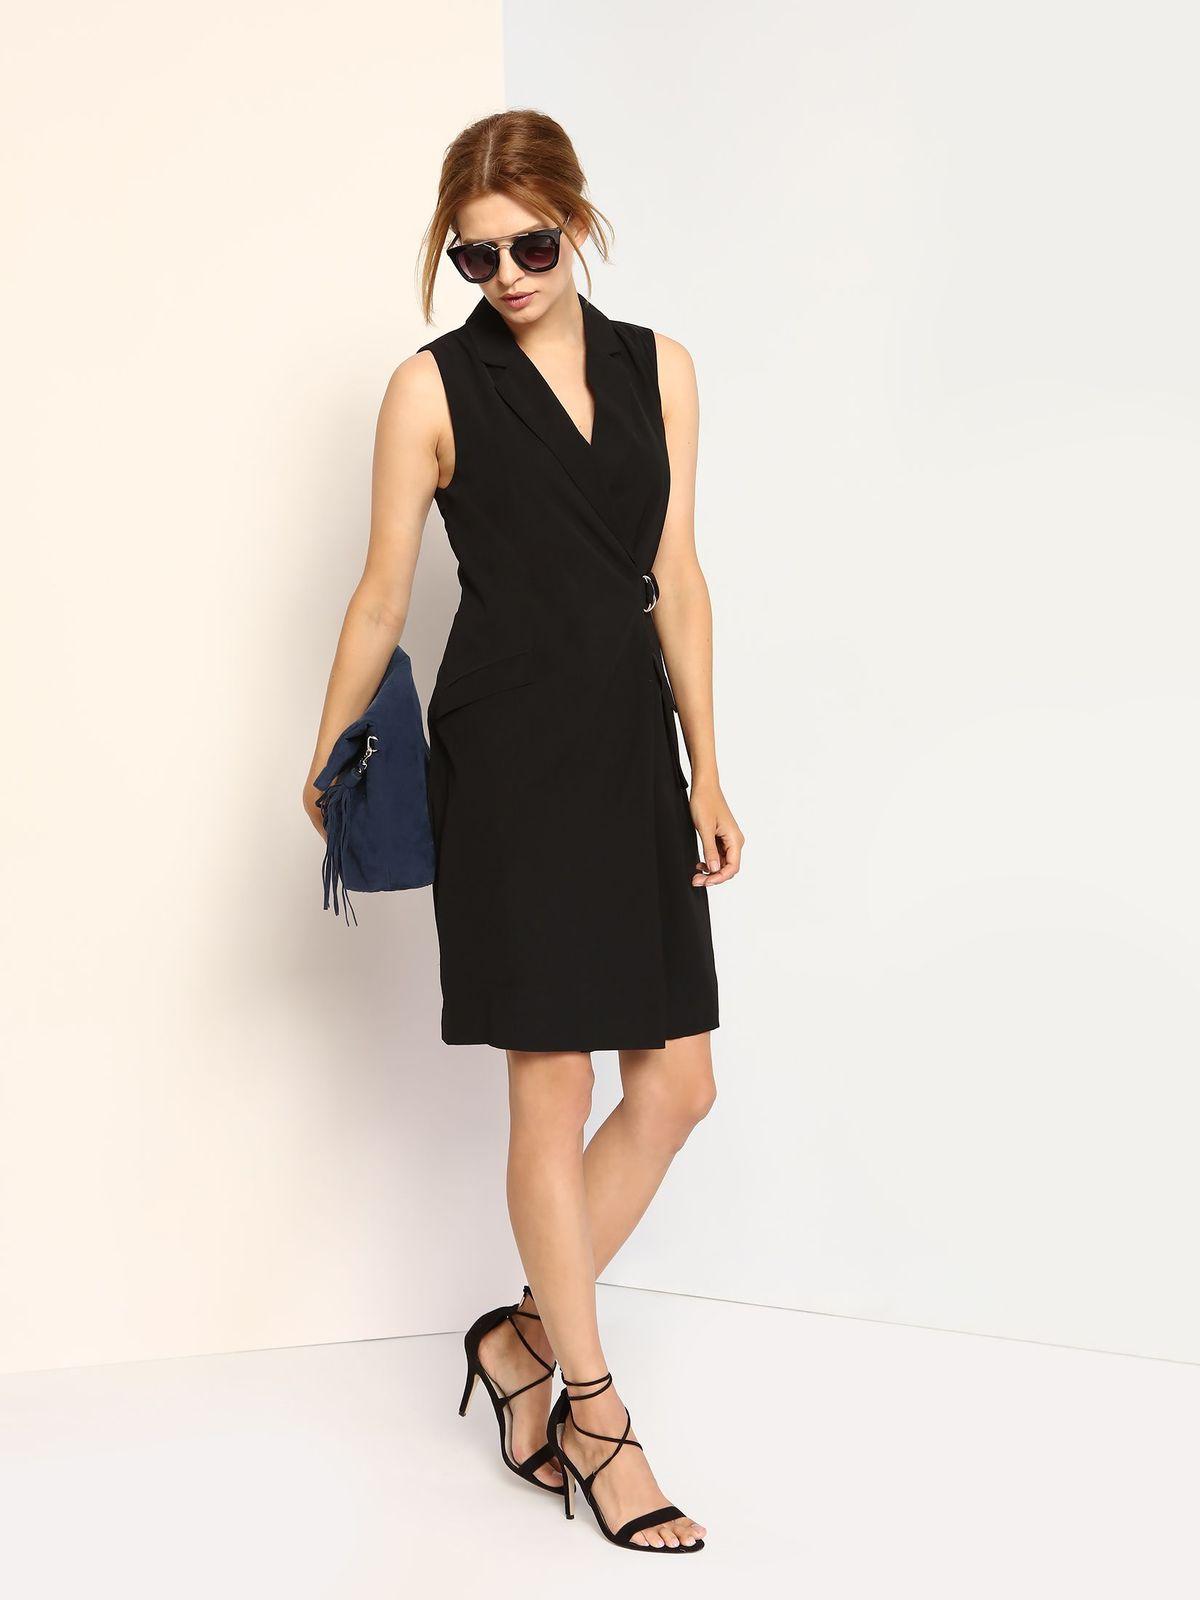 Платье Top Secret, цвет: черный. SAP0002CA. Размер 36 (42)SAP0002CAКлассической платье Top Secret, изготовленное из полиэстера, оно приятное на ощупь, не раздражает кожу и хорошо вентилируется.Модель-миди без рукавов оформлена воротником с лацканами. Перед платья с запахом застегивается на потайные пуговицы и кнопки. Перед изделия оформлен двумя прорезными карманами с защитными планками.